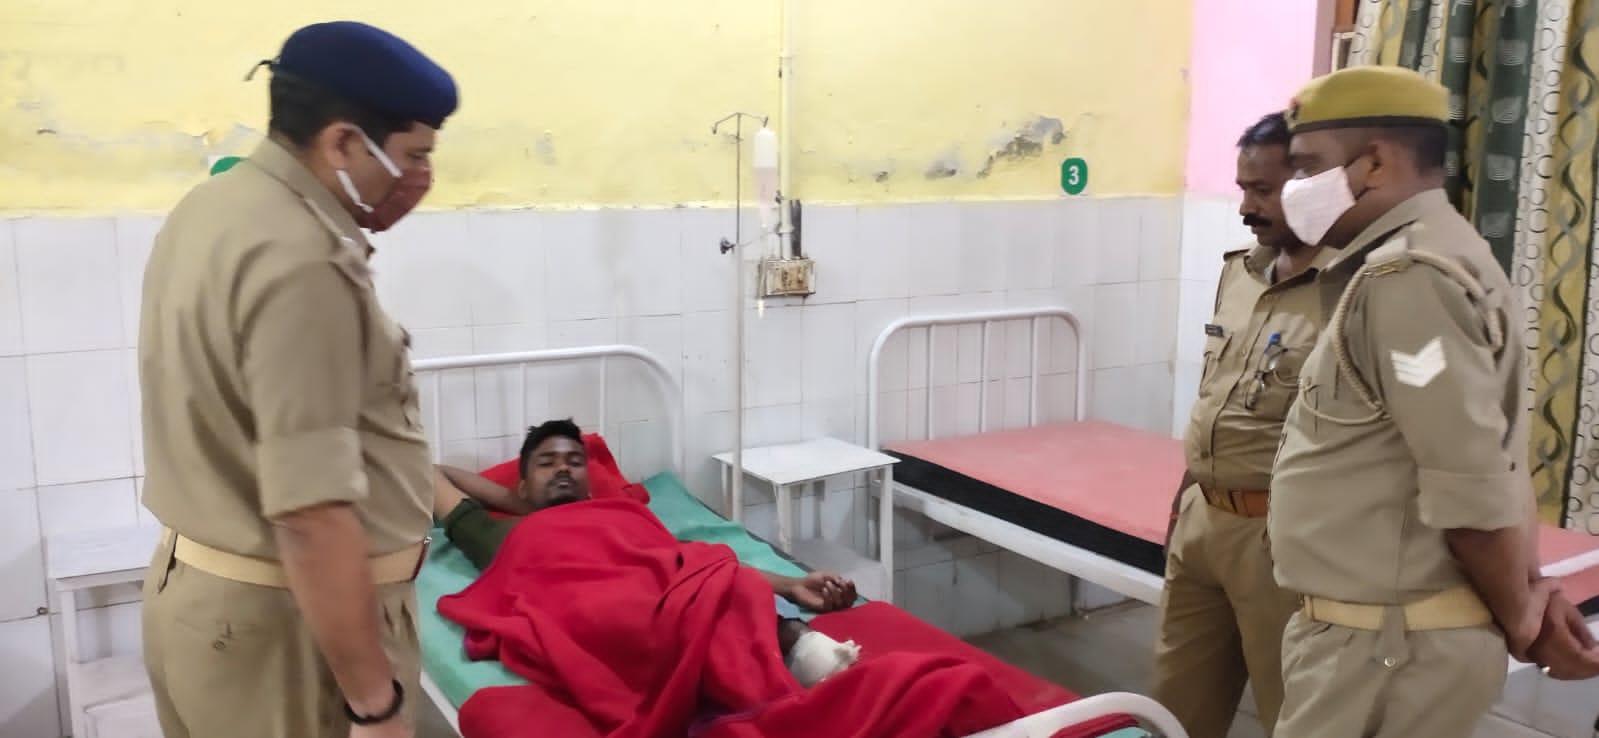 बलरामपुर :- अपराधी और पुलिस के बीच मुठभेड़, अस्पताल में करवाया गया भर्ती।